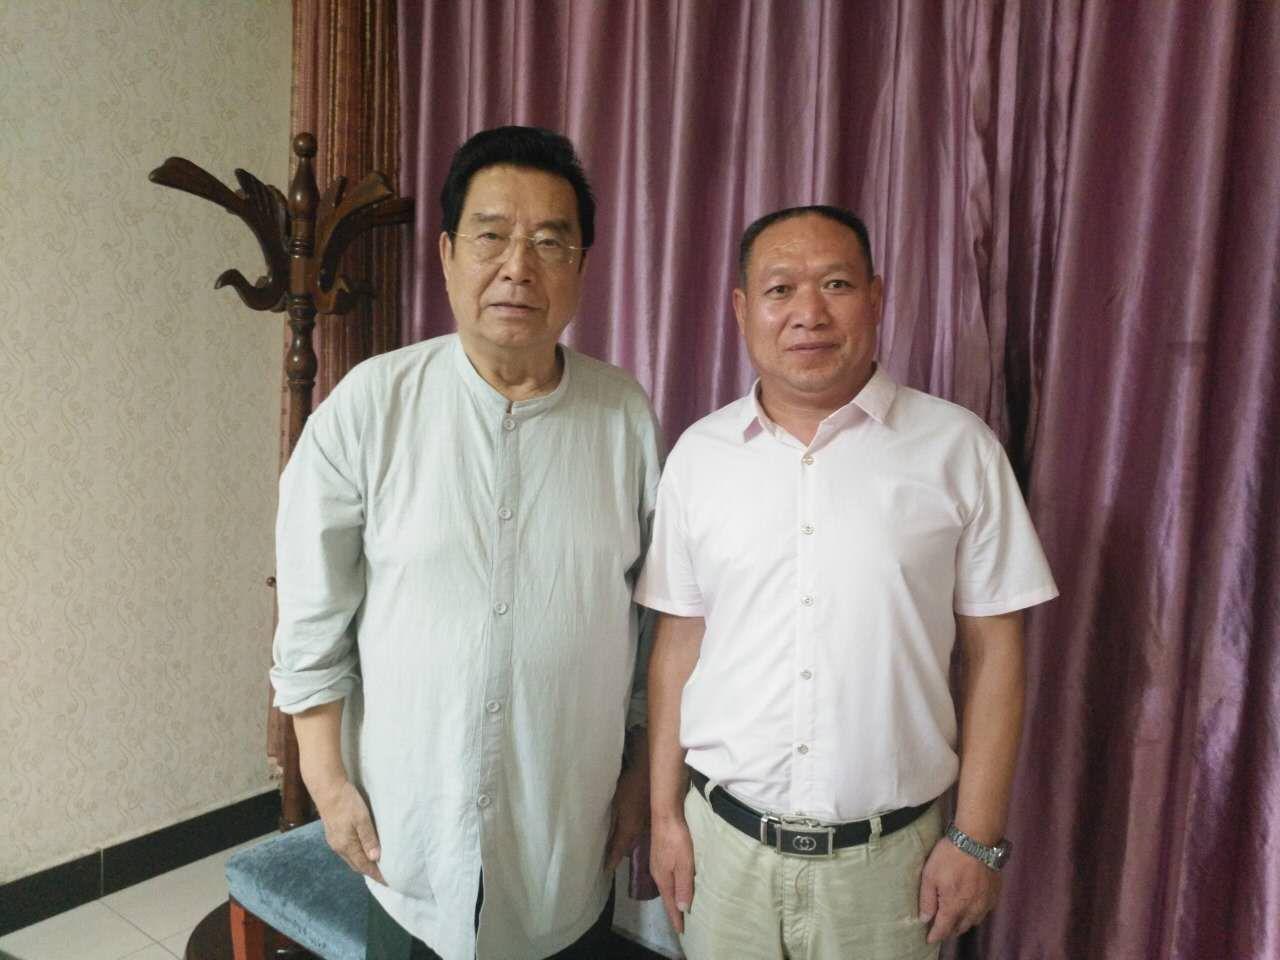 李双江老师与副会长孔建超在一起